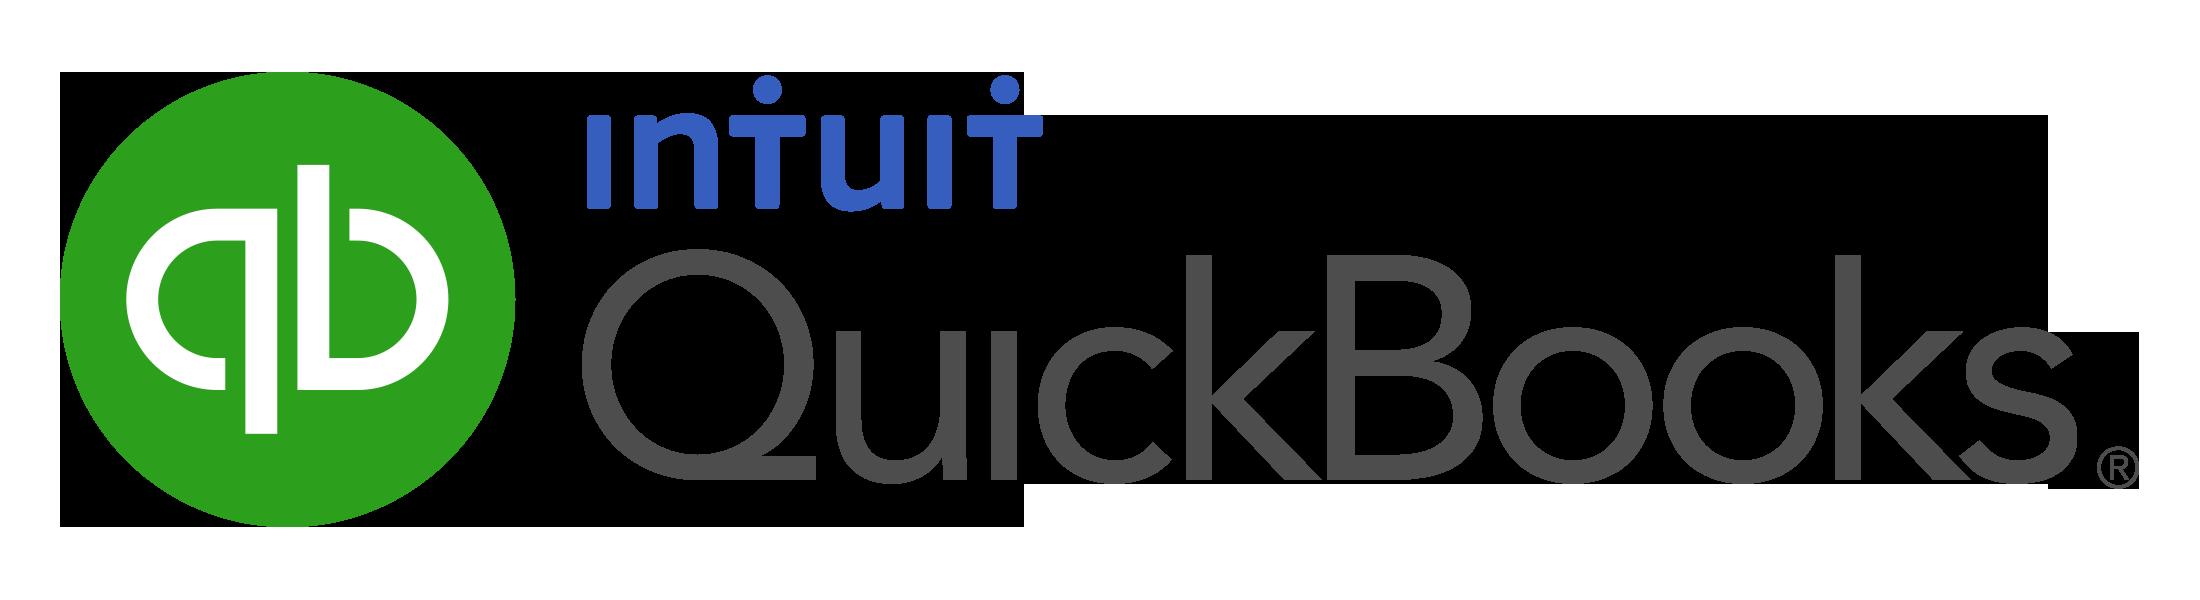 quickbooks integration, intuit quickbooks